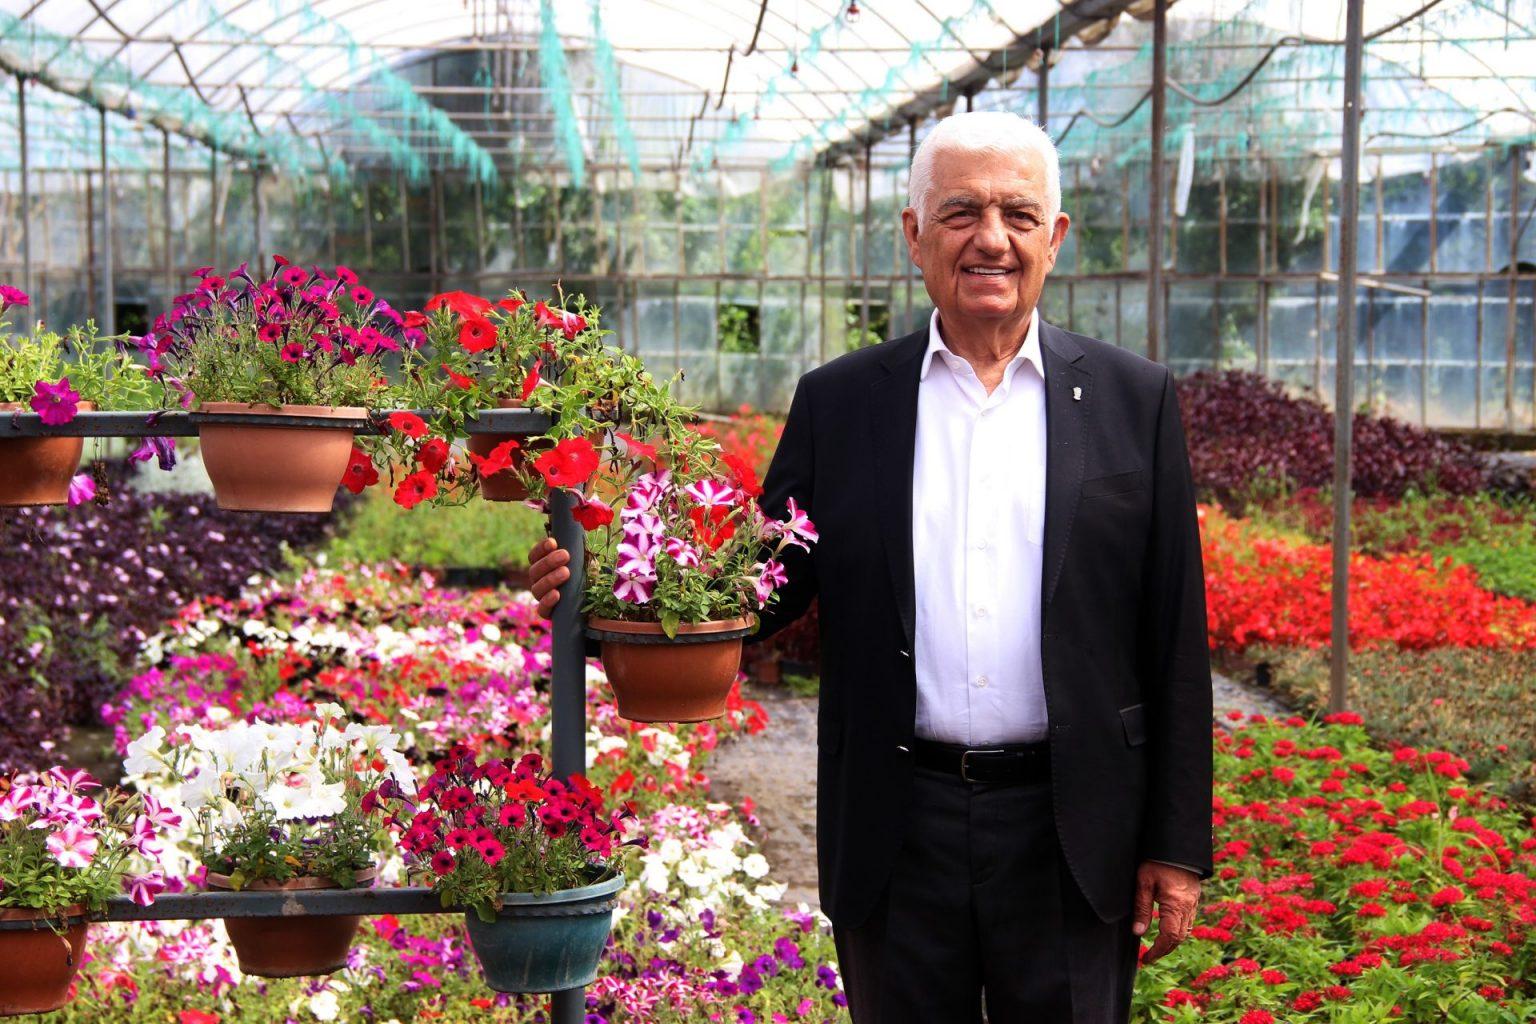 Muğla Büyükşehir Belediye Başkanı Osman Gürün